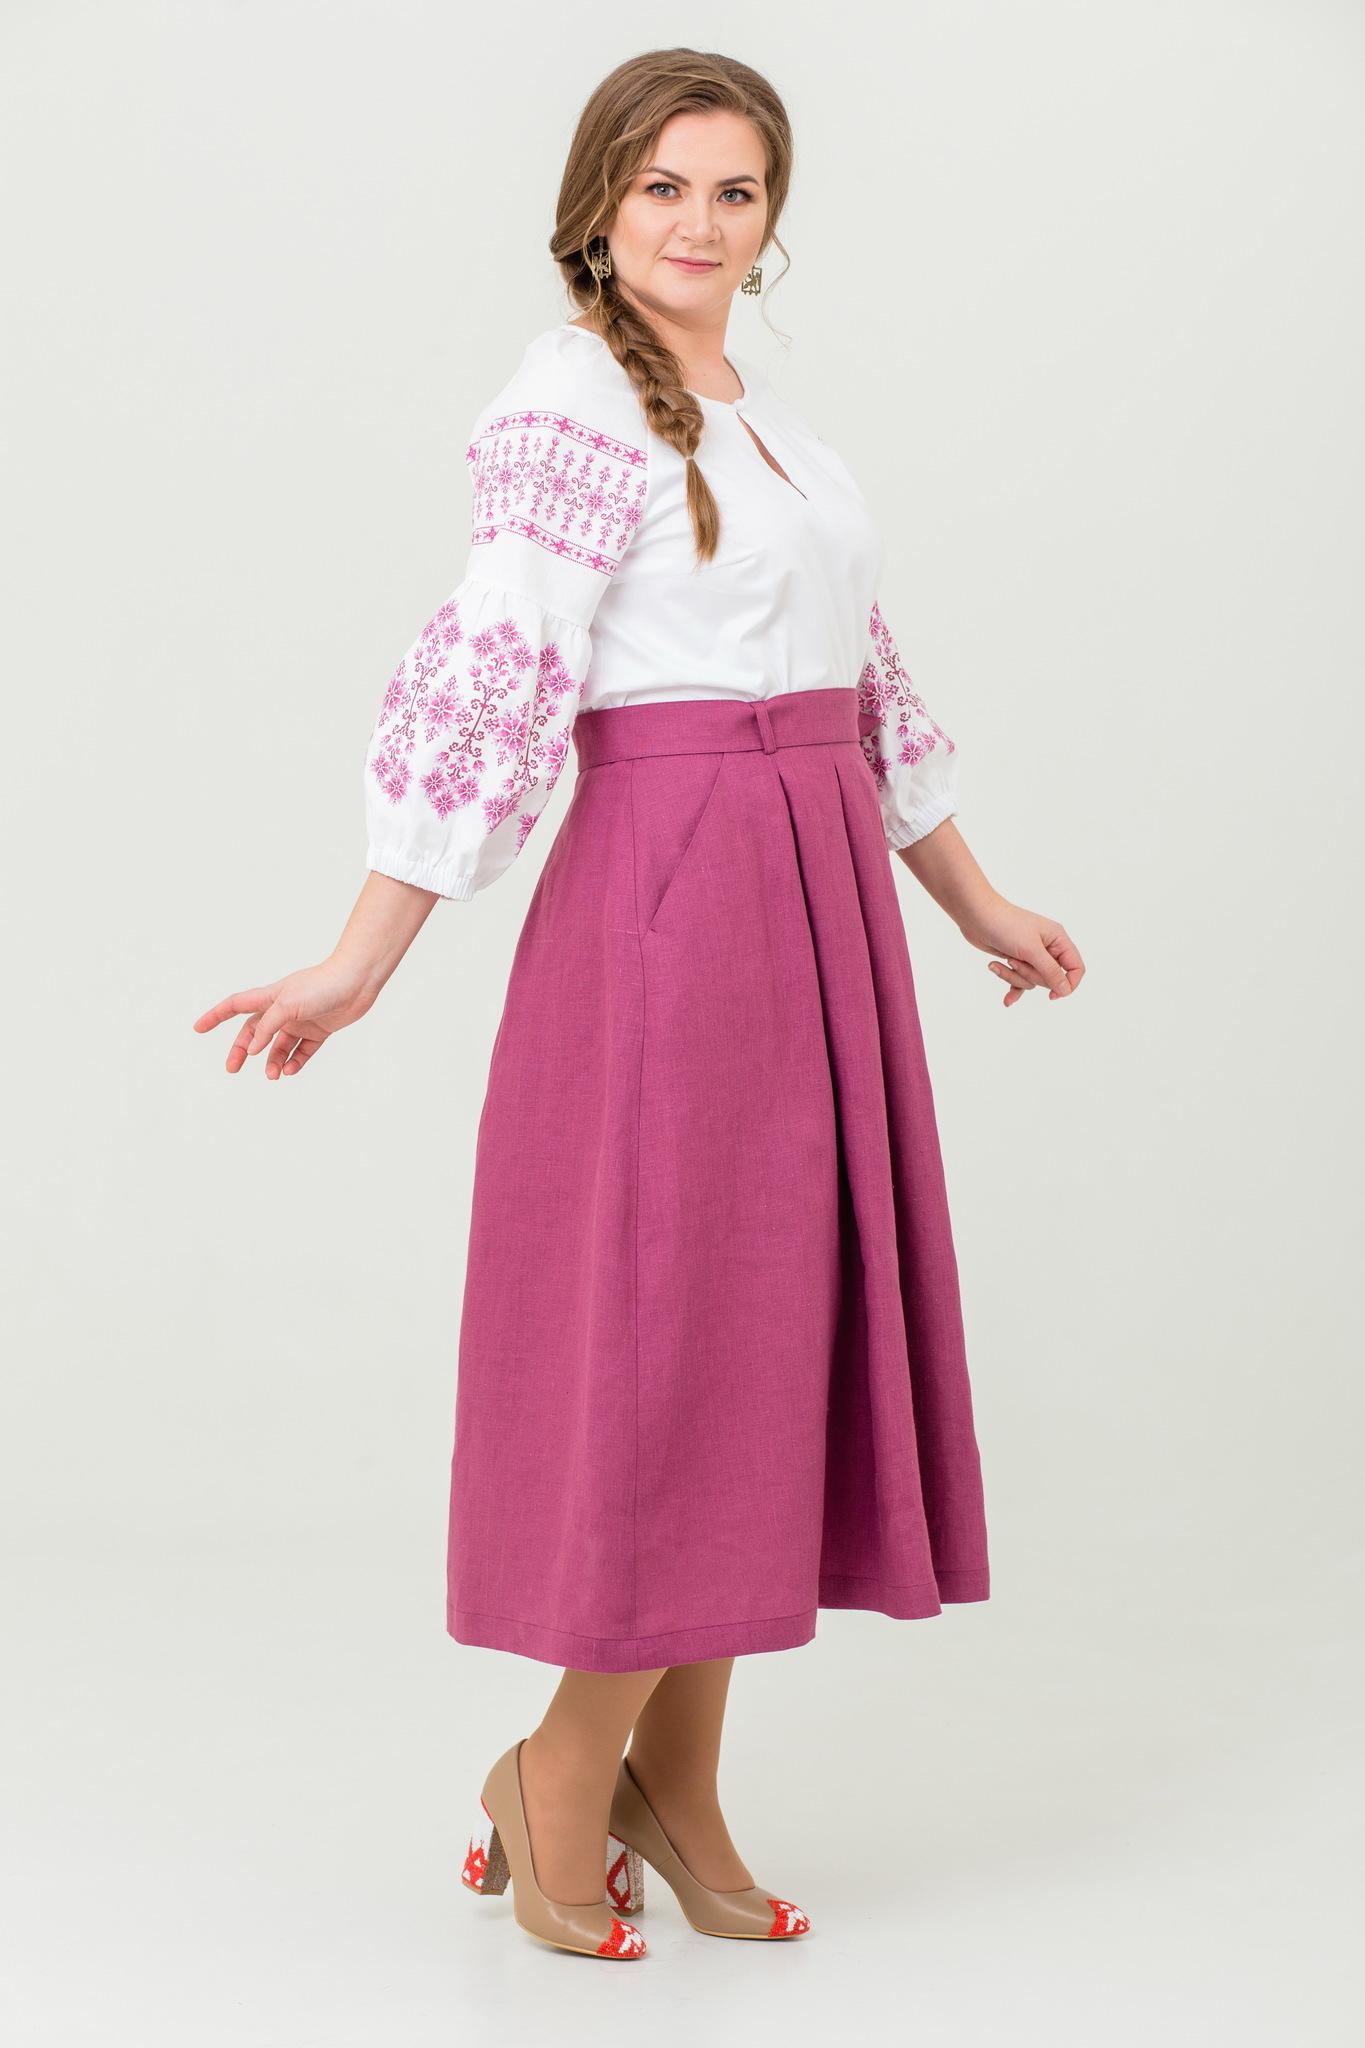 Блуза хлопковая Яблоневый цвет в русском стиле купить